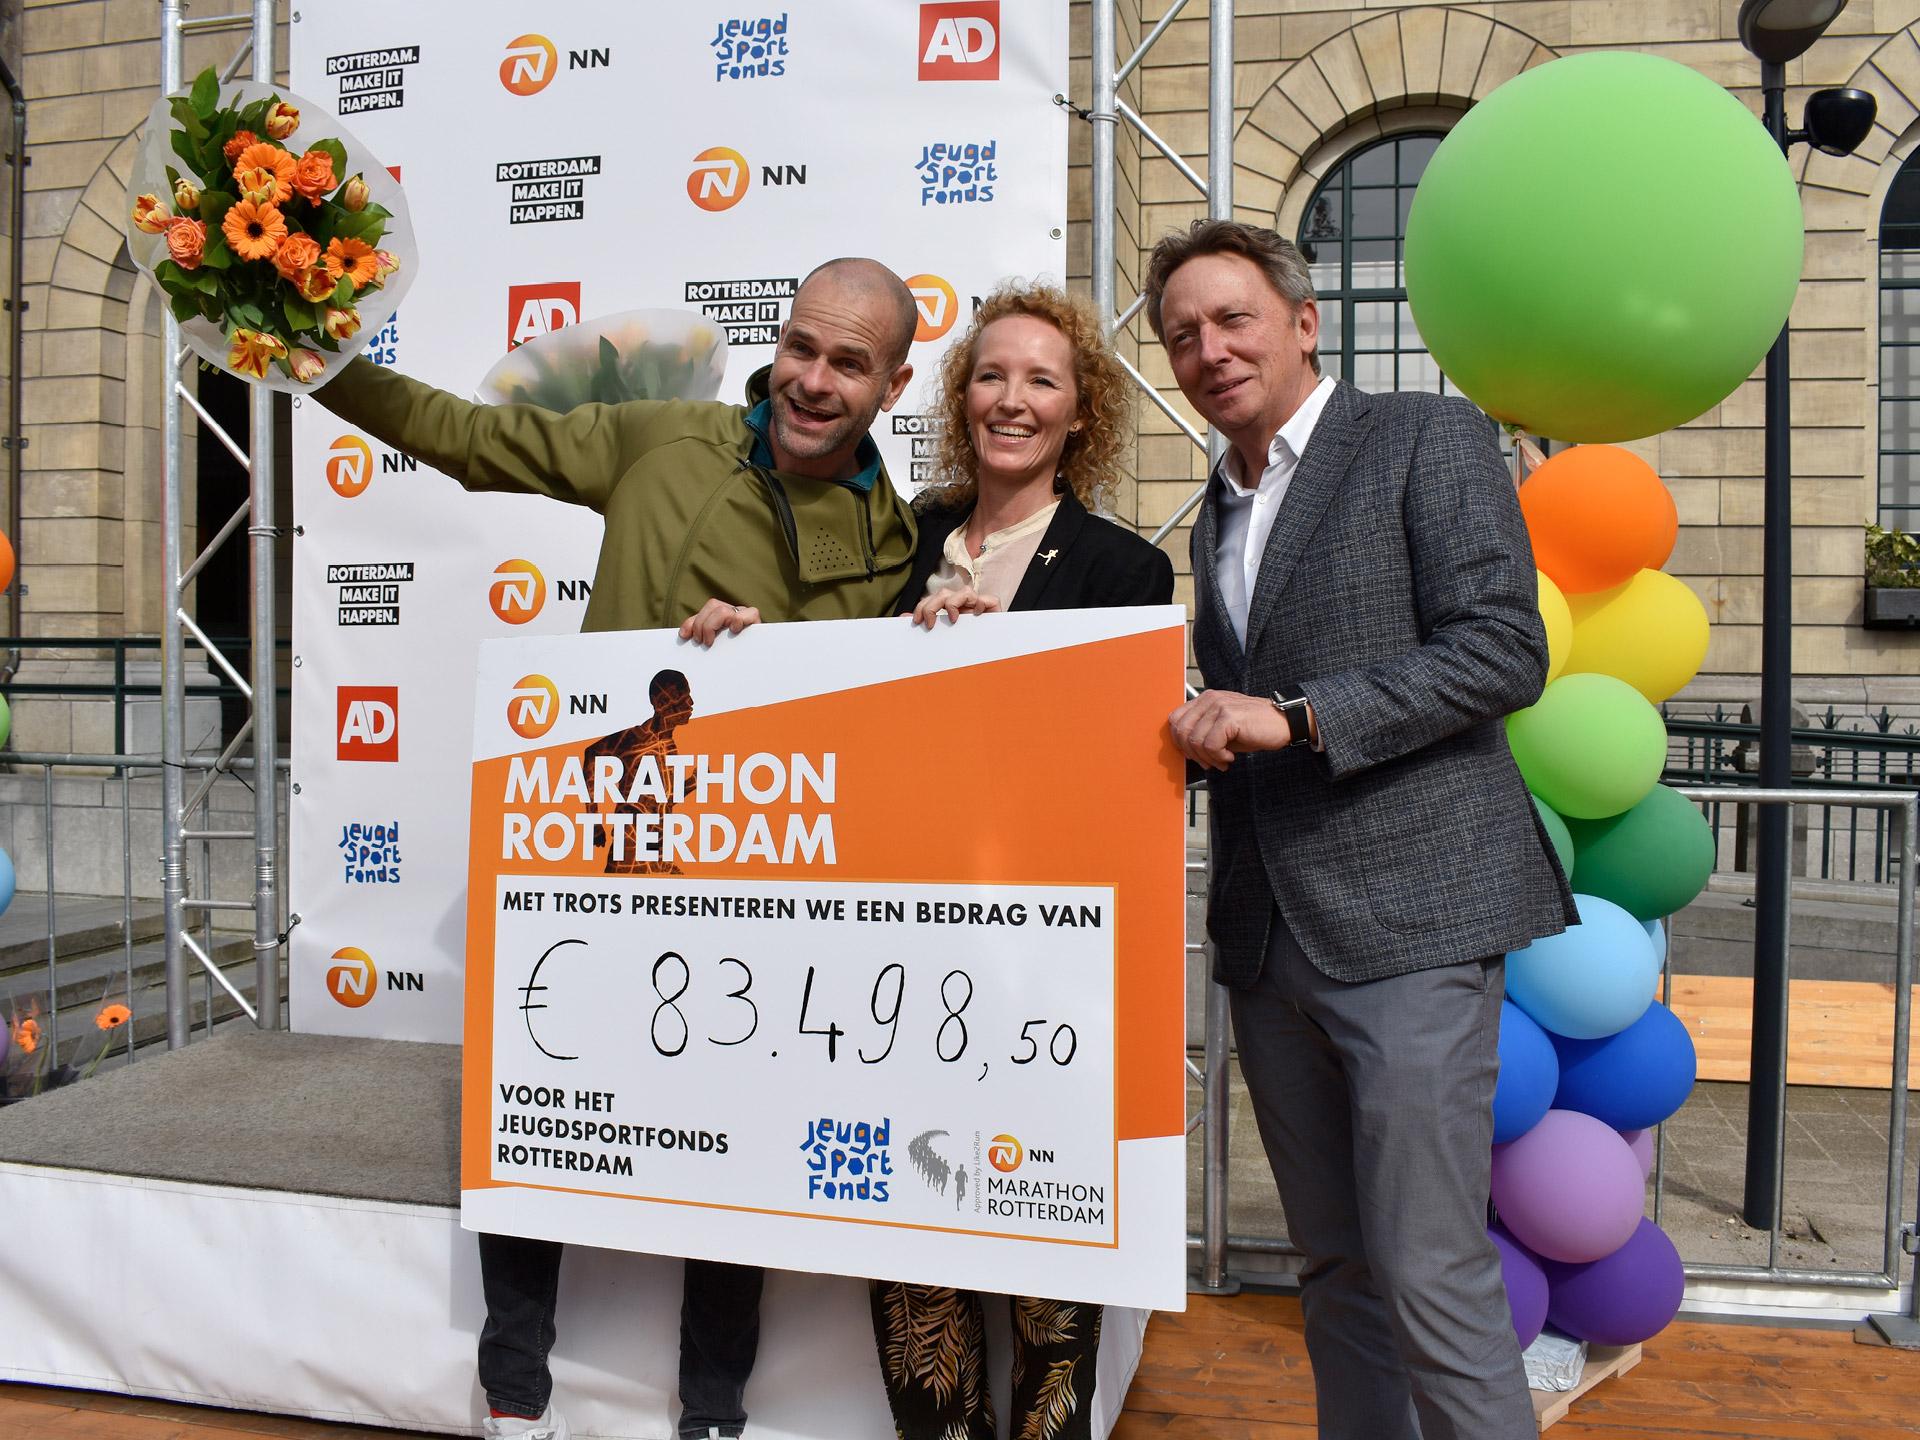 Jeugdsportfonds Rotterdam